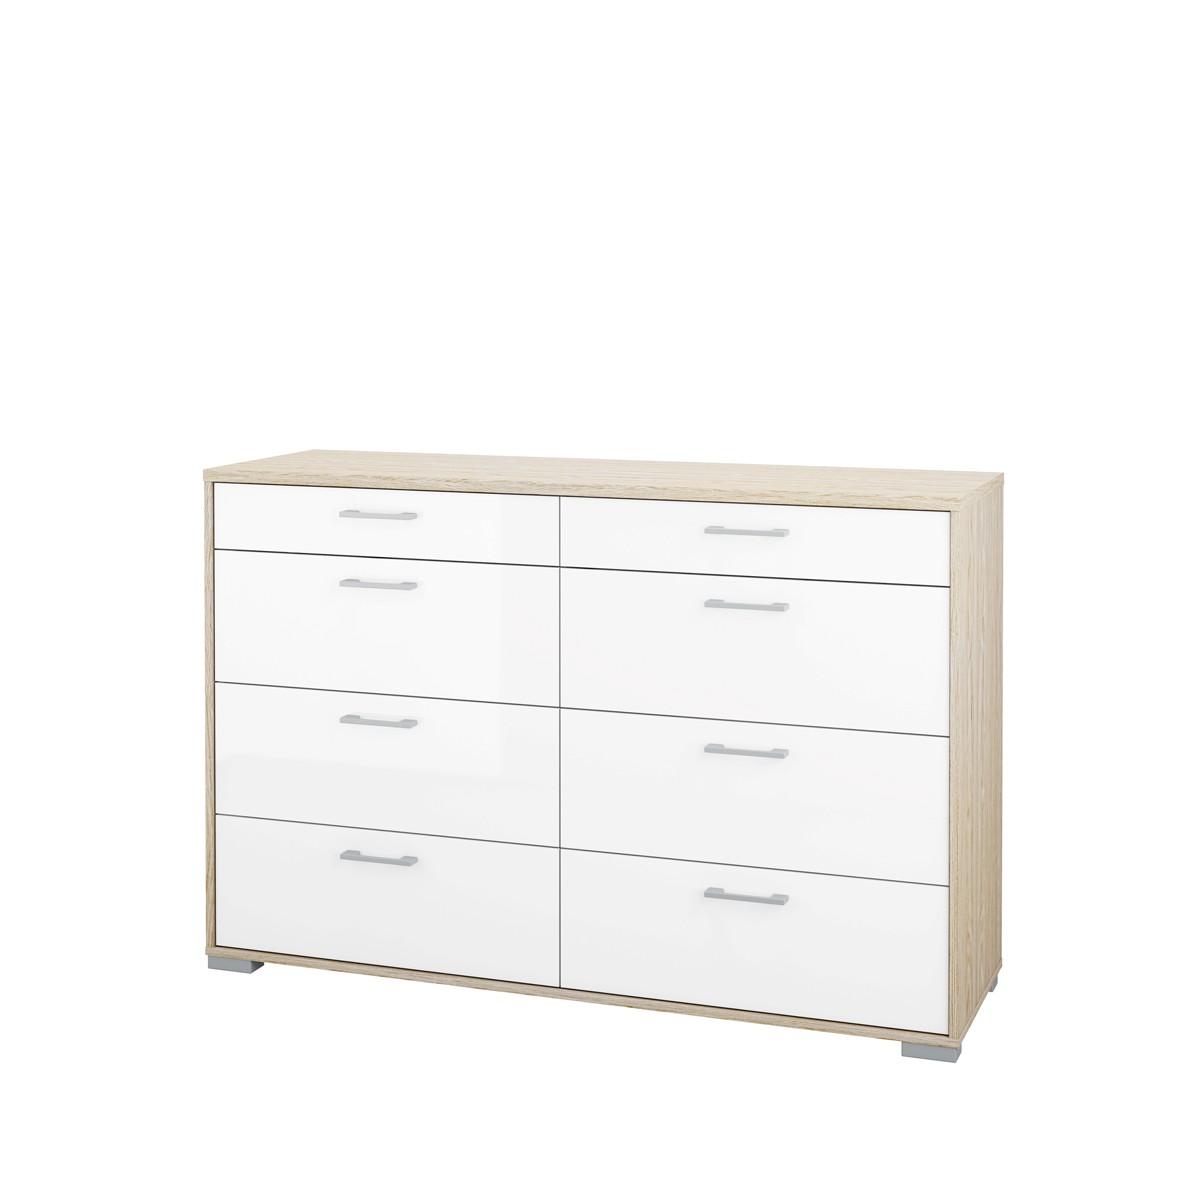 flache kommode flur das beste aus wohndesign und m bel inspiration. Black Bedroom Furniture Sets. Home Design Ideas